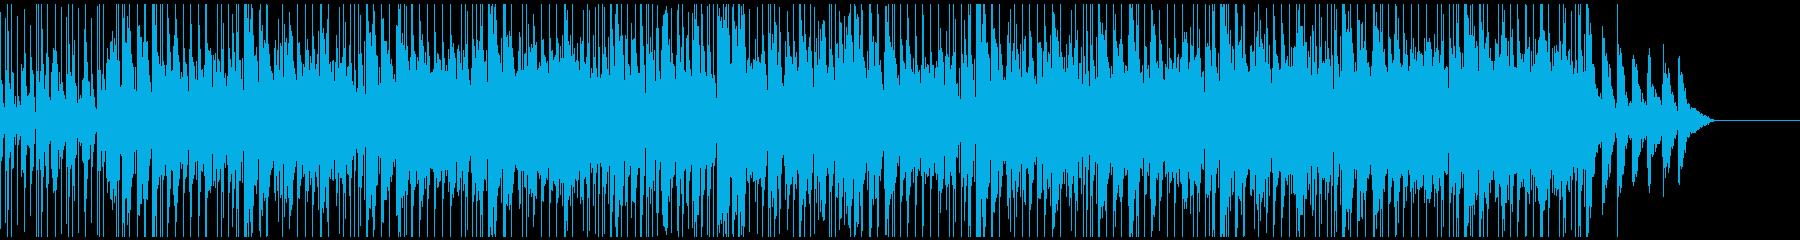 日常空間を彩る癒やしのリフレインの再生済みの波形